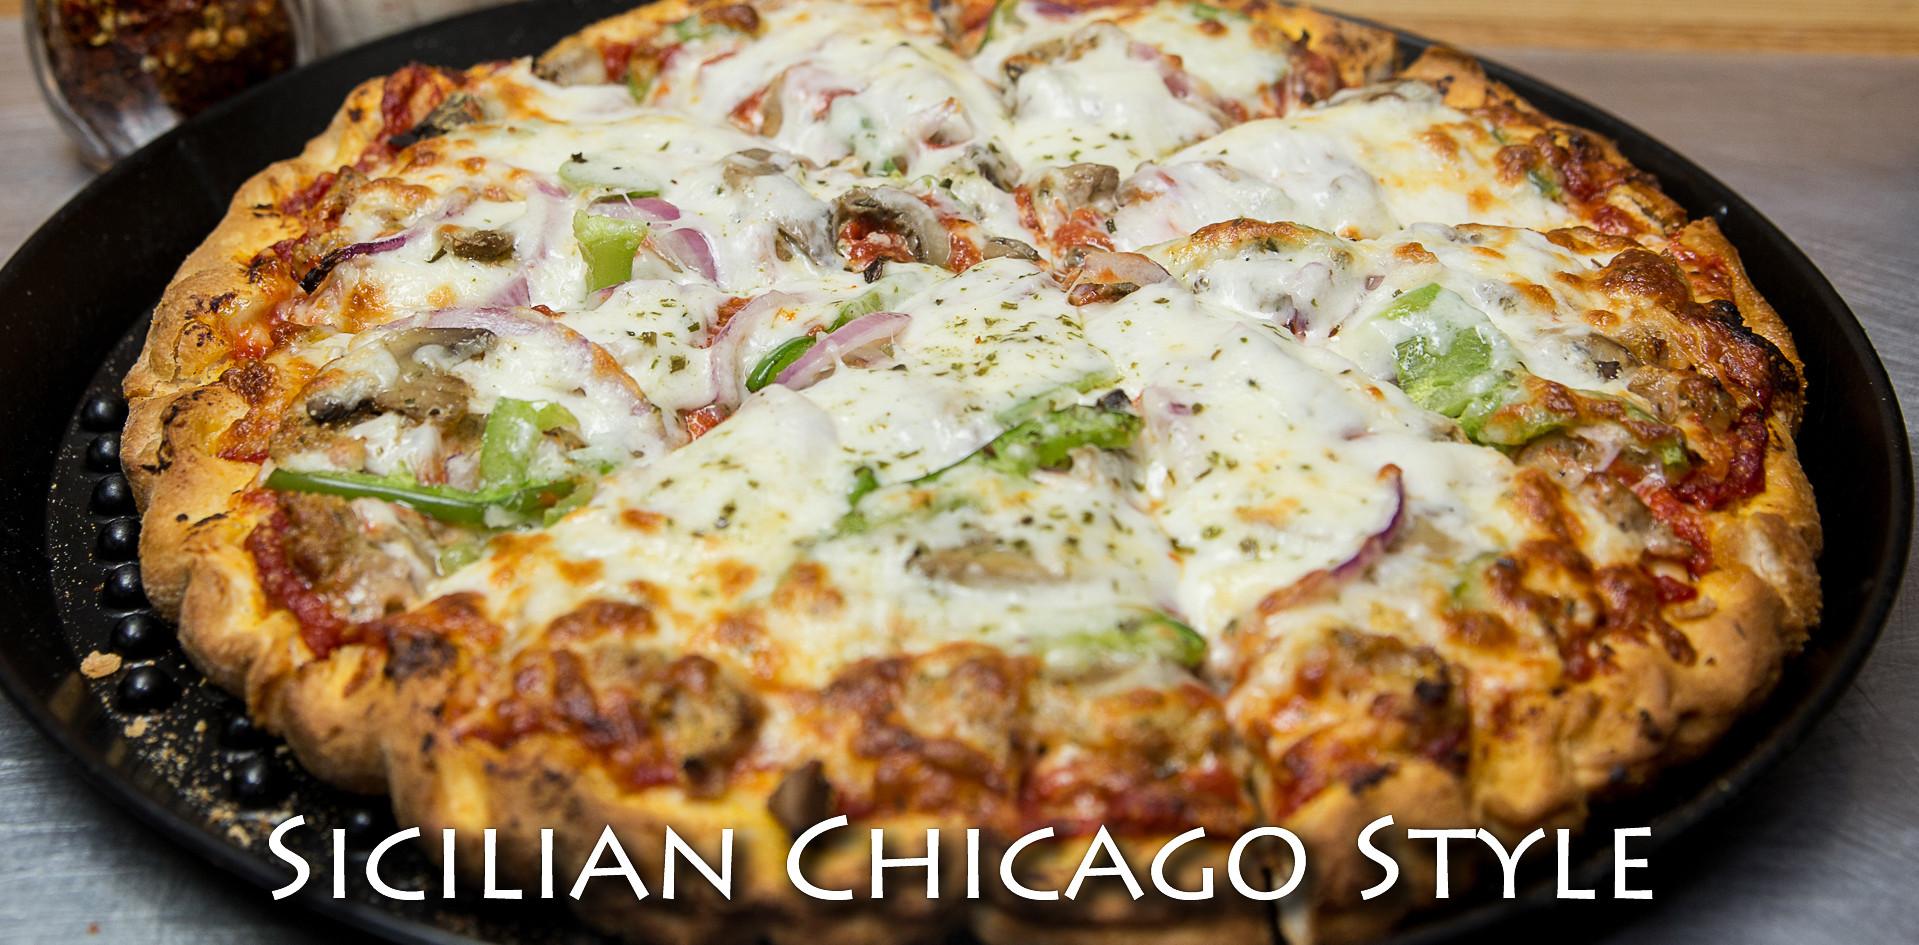 Chicago Style Sicilian Pizza